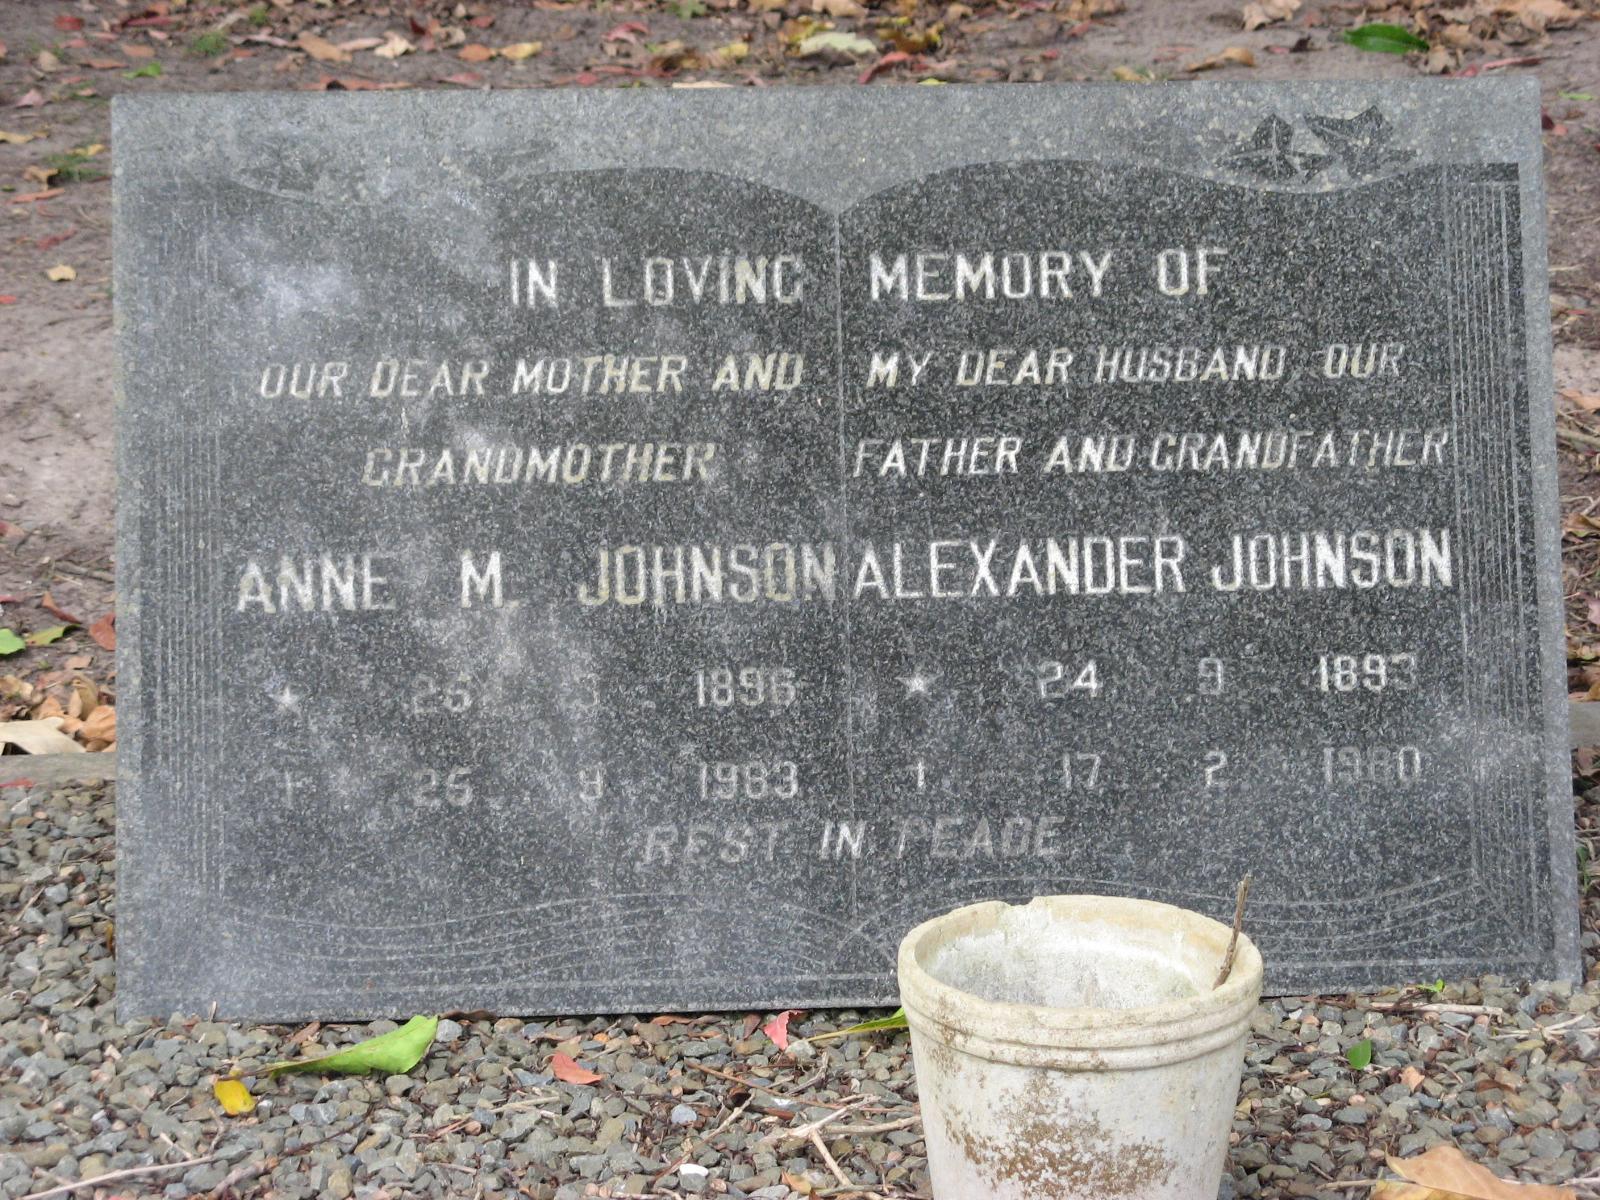 Johnson, Anne M. + Johnson, Alexander